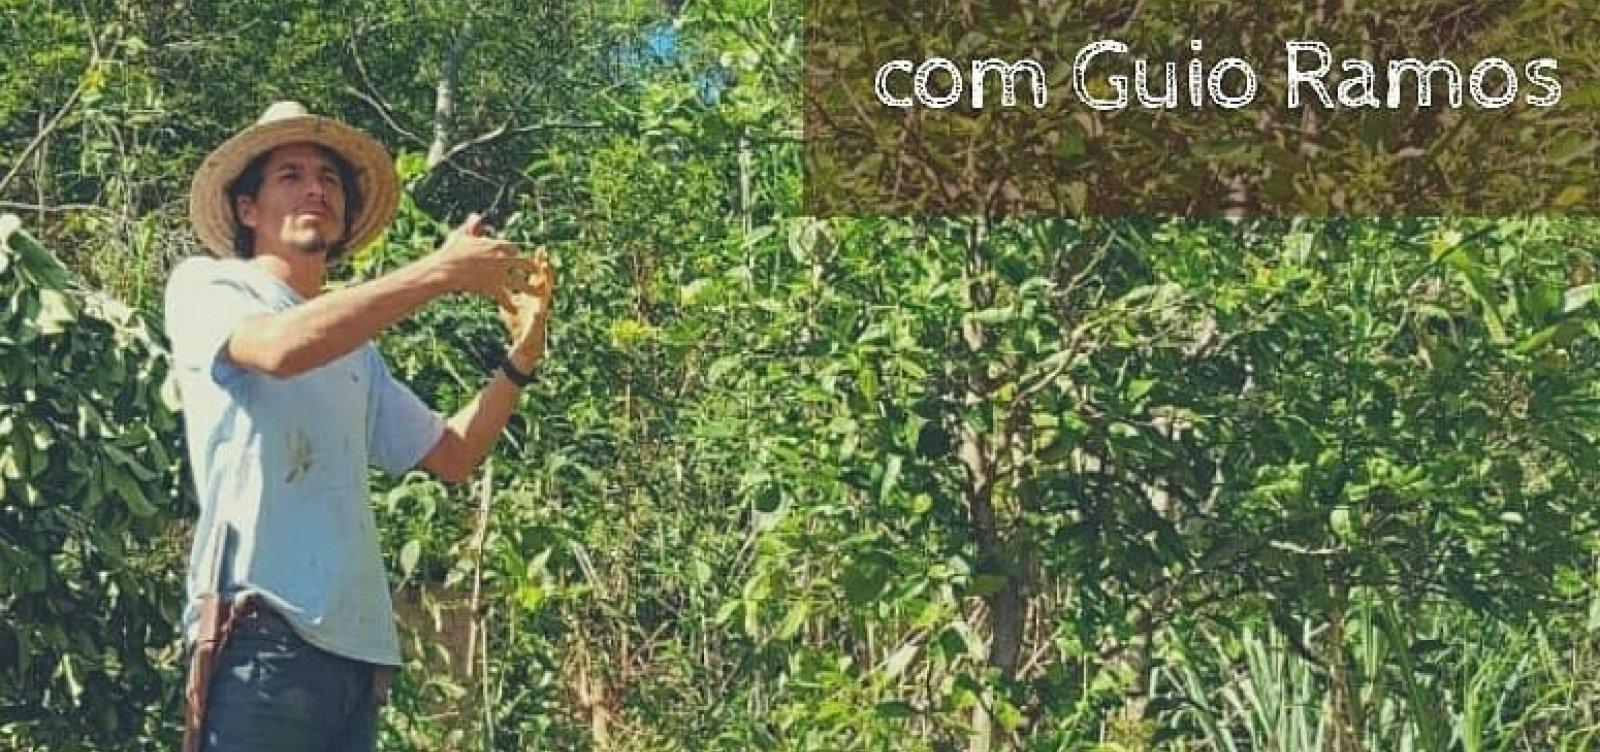 [Curso de Agrofloresta Sintrópica com Guio Ramos abre inscrições na Bahia]